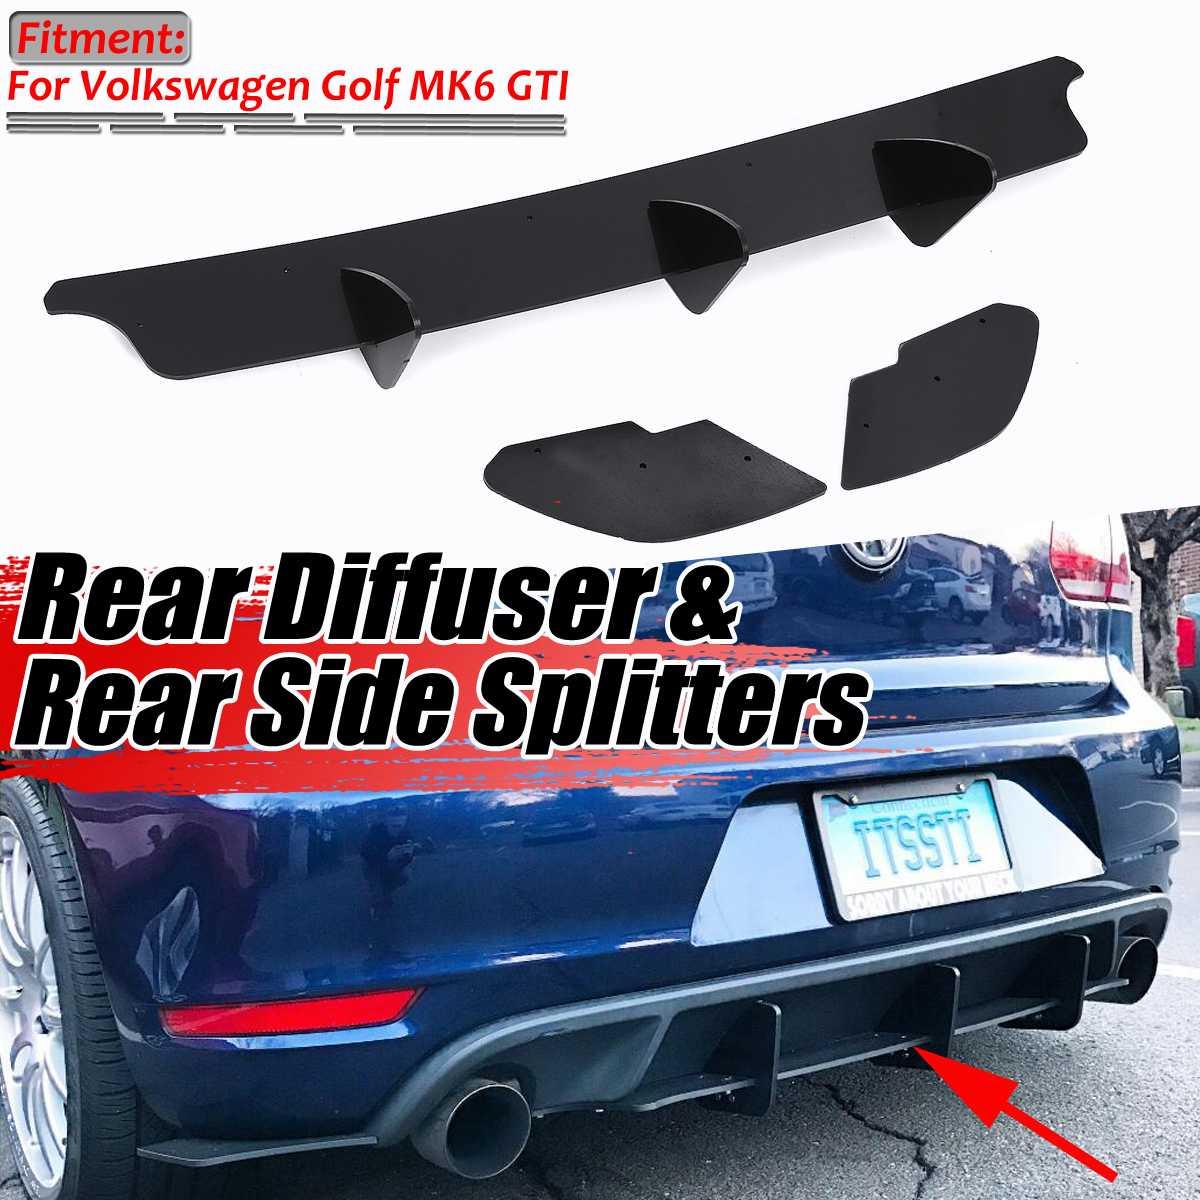 ل GTI مانع صدمات خلفي للسيارة الناشر و الجانب الخلفي سبليترز الحرس ل VW ل Volkswagen ل جولف MK6 GTI/MK7 GTI/MK7.5 GTI